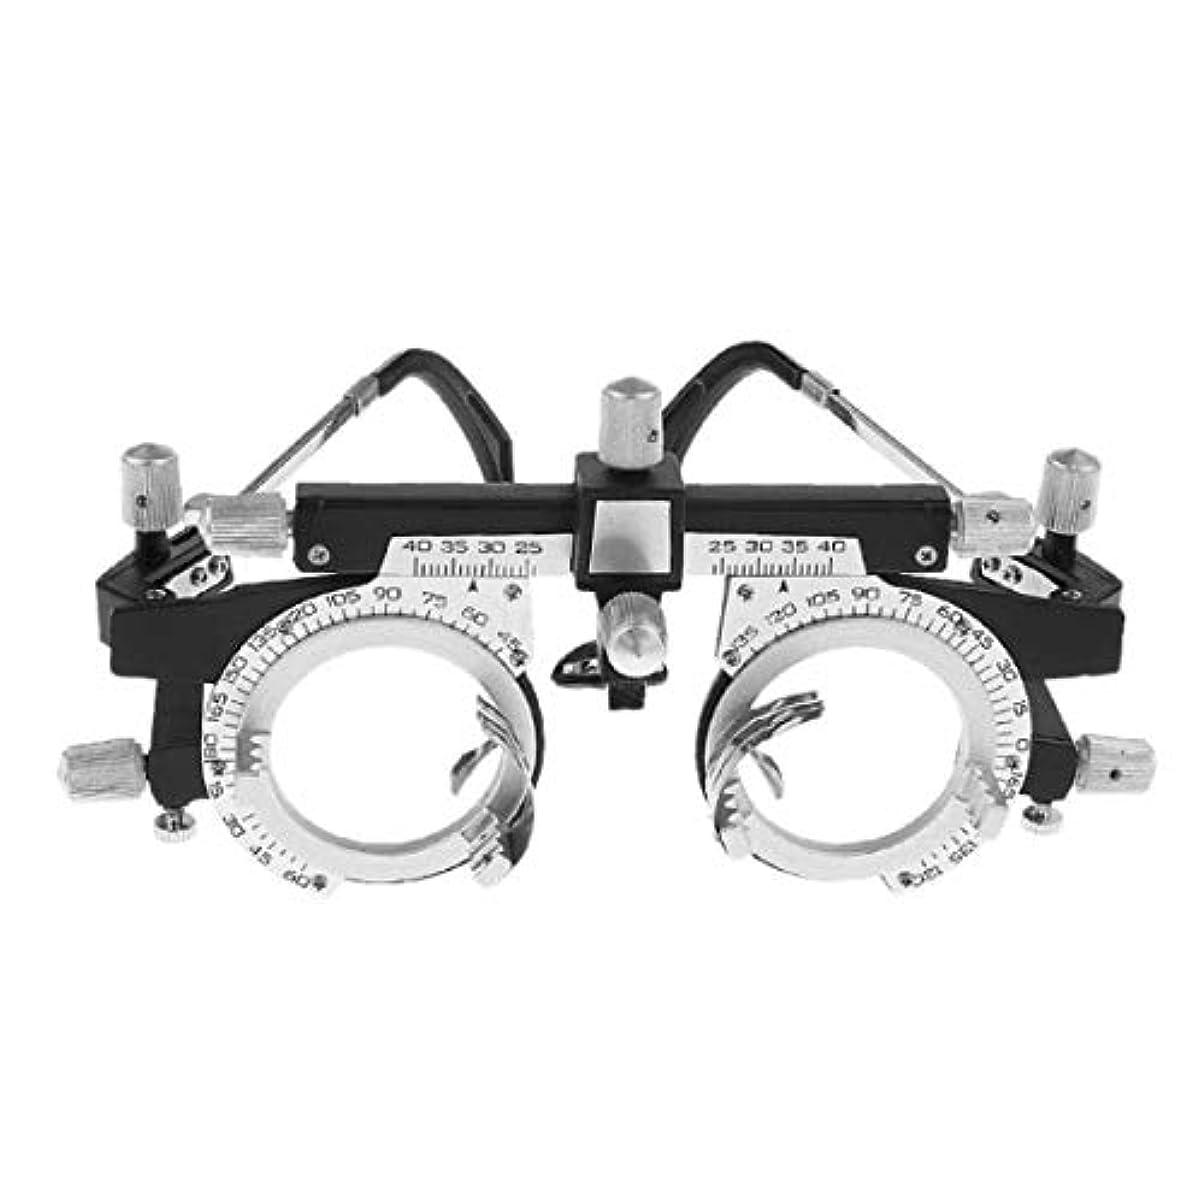 後同行するファックスFollowmyheart 調節可能なプロフェッショナルアイウェア検眼メタルフレーム光学オプティクストライアルレンズメタルフレームPDメガネアクセサリー